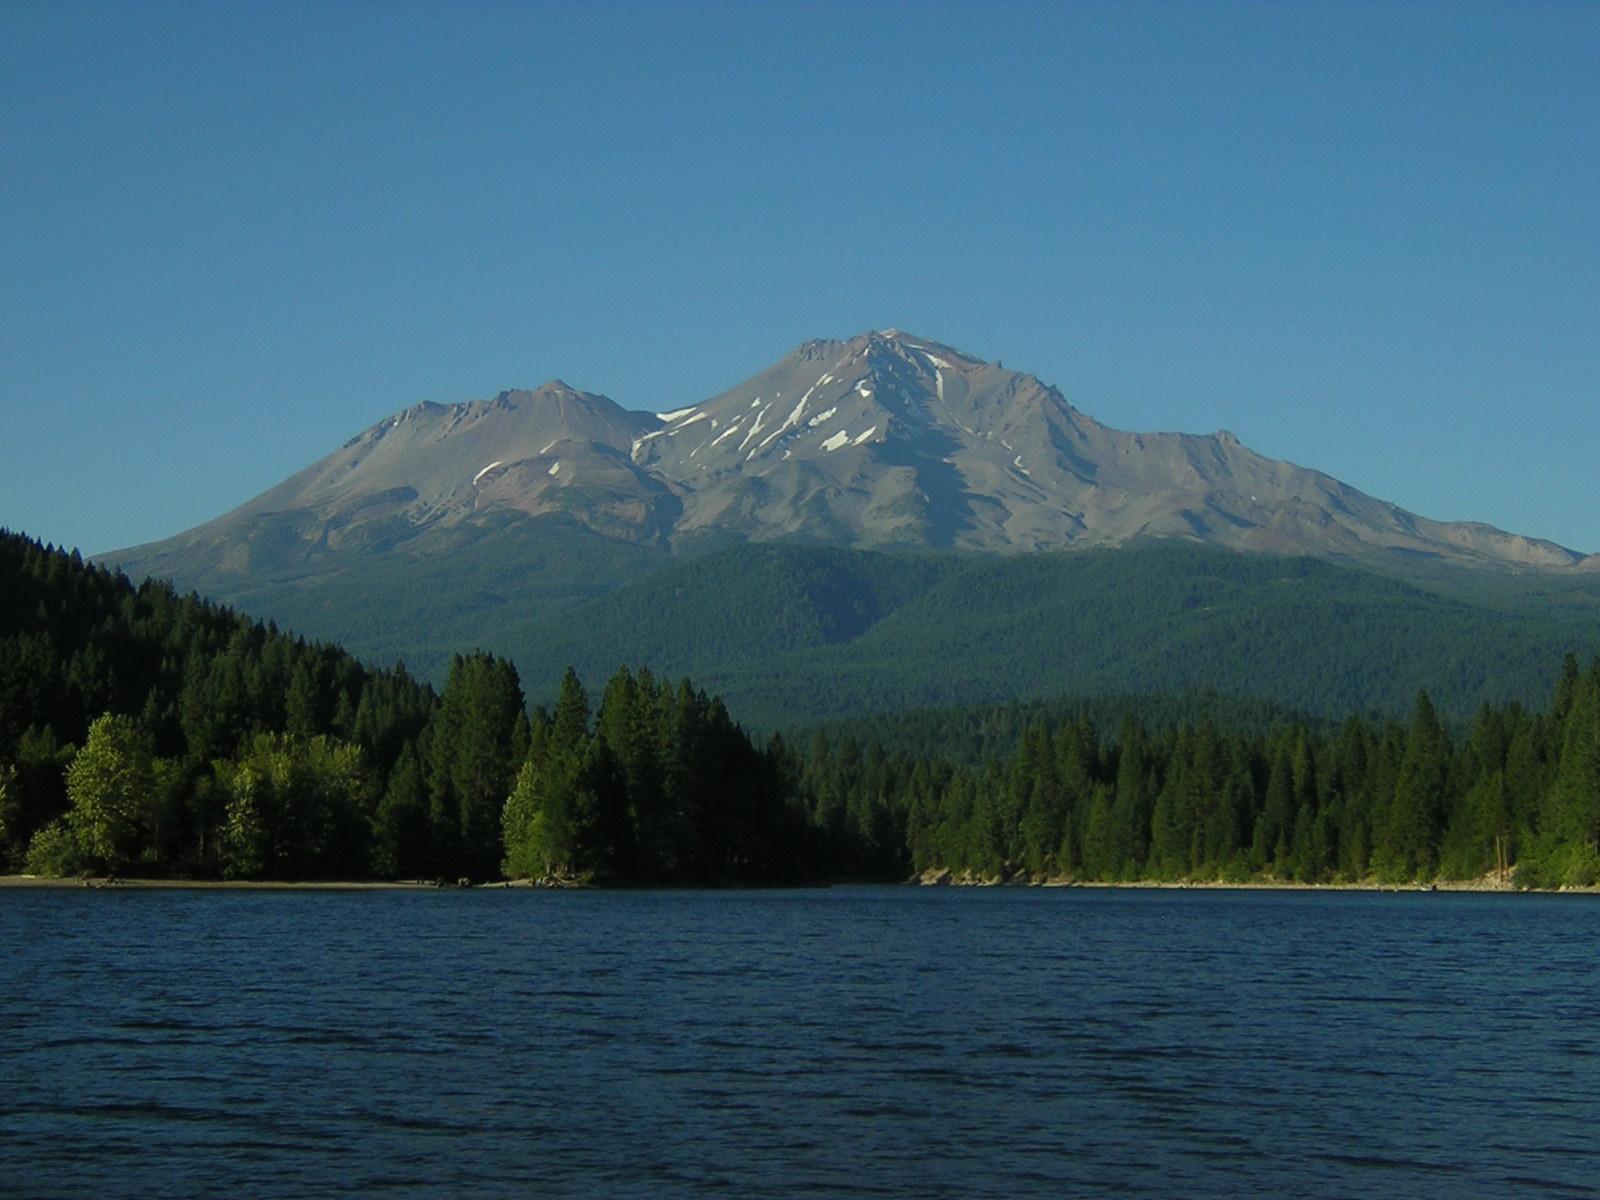 W6BML Mount Shasta Amateur Radio Club